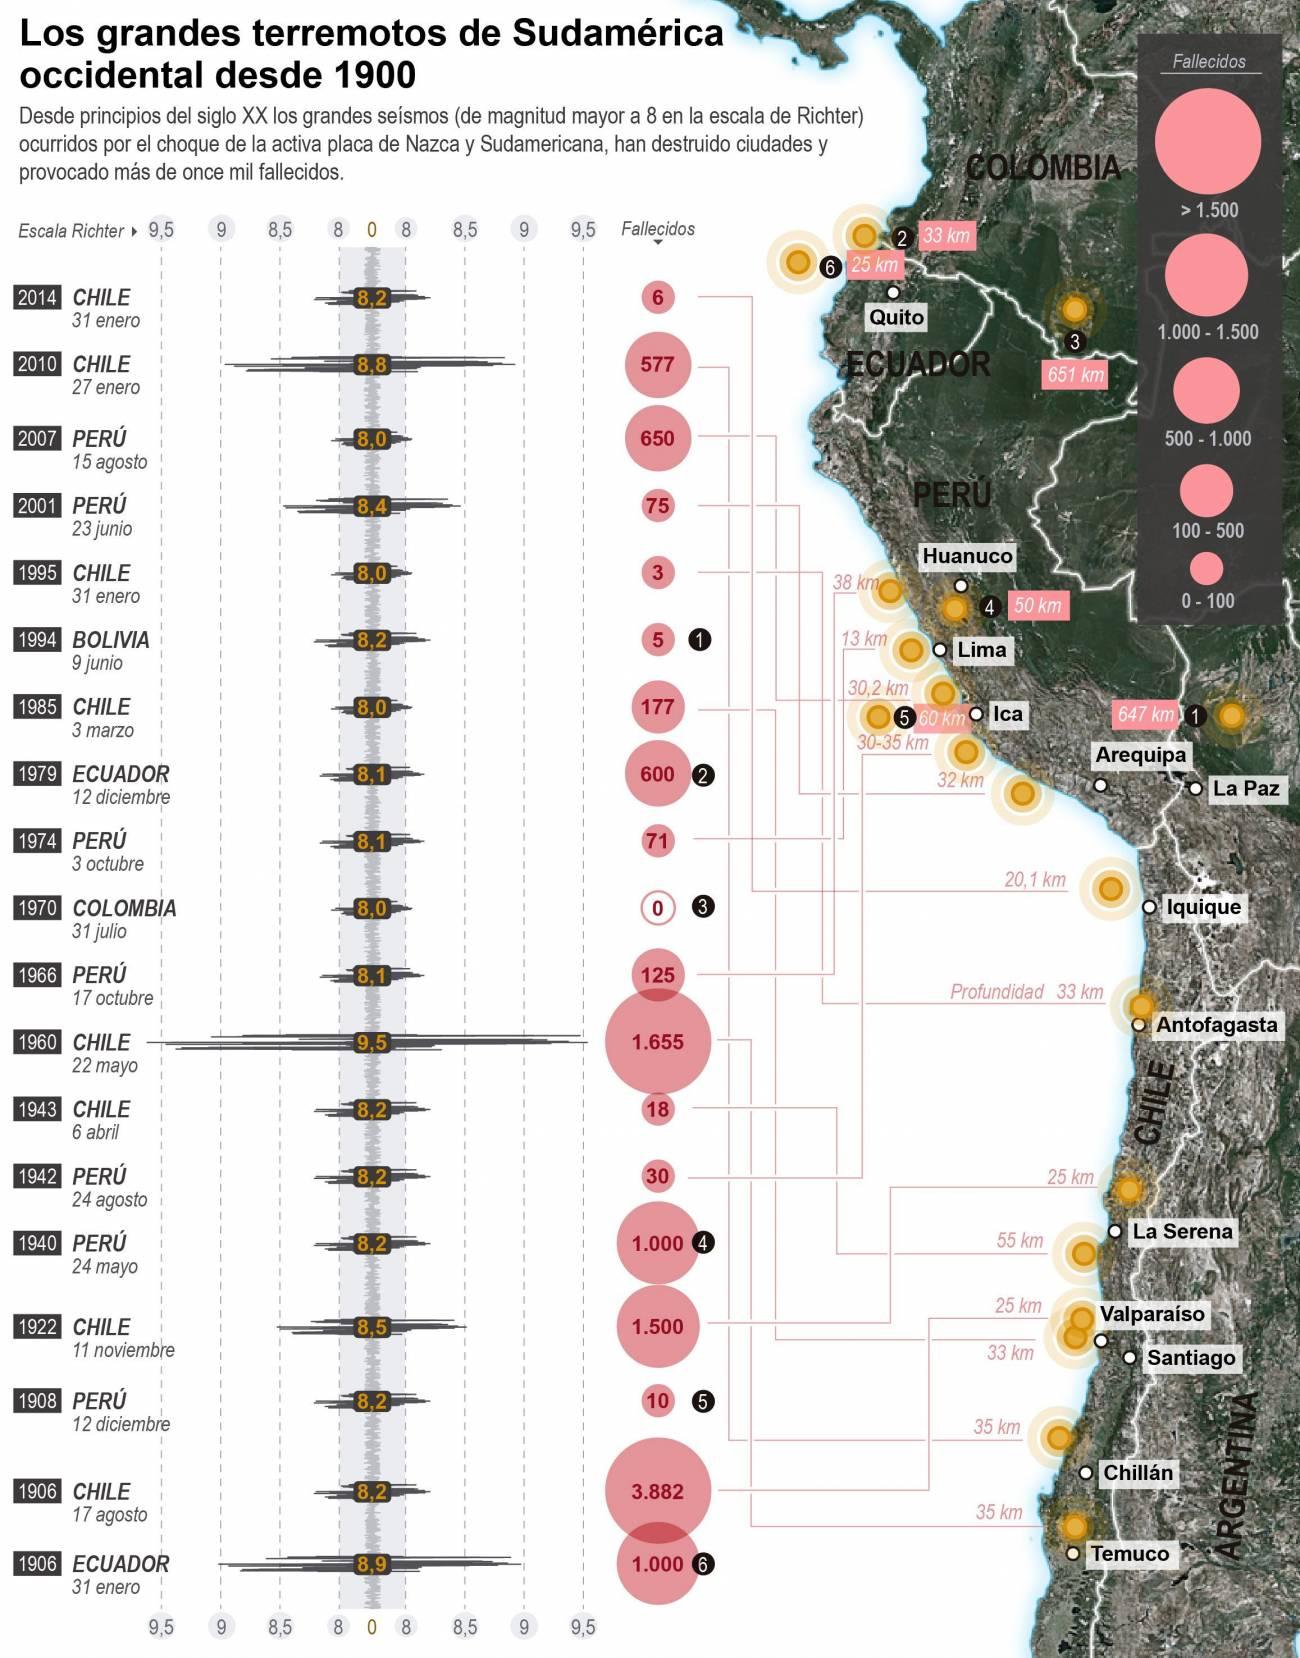 Infografía de los terremotos superiores a 8 grados en Sudamérica desde el año 1900. / Efe